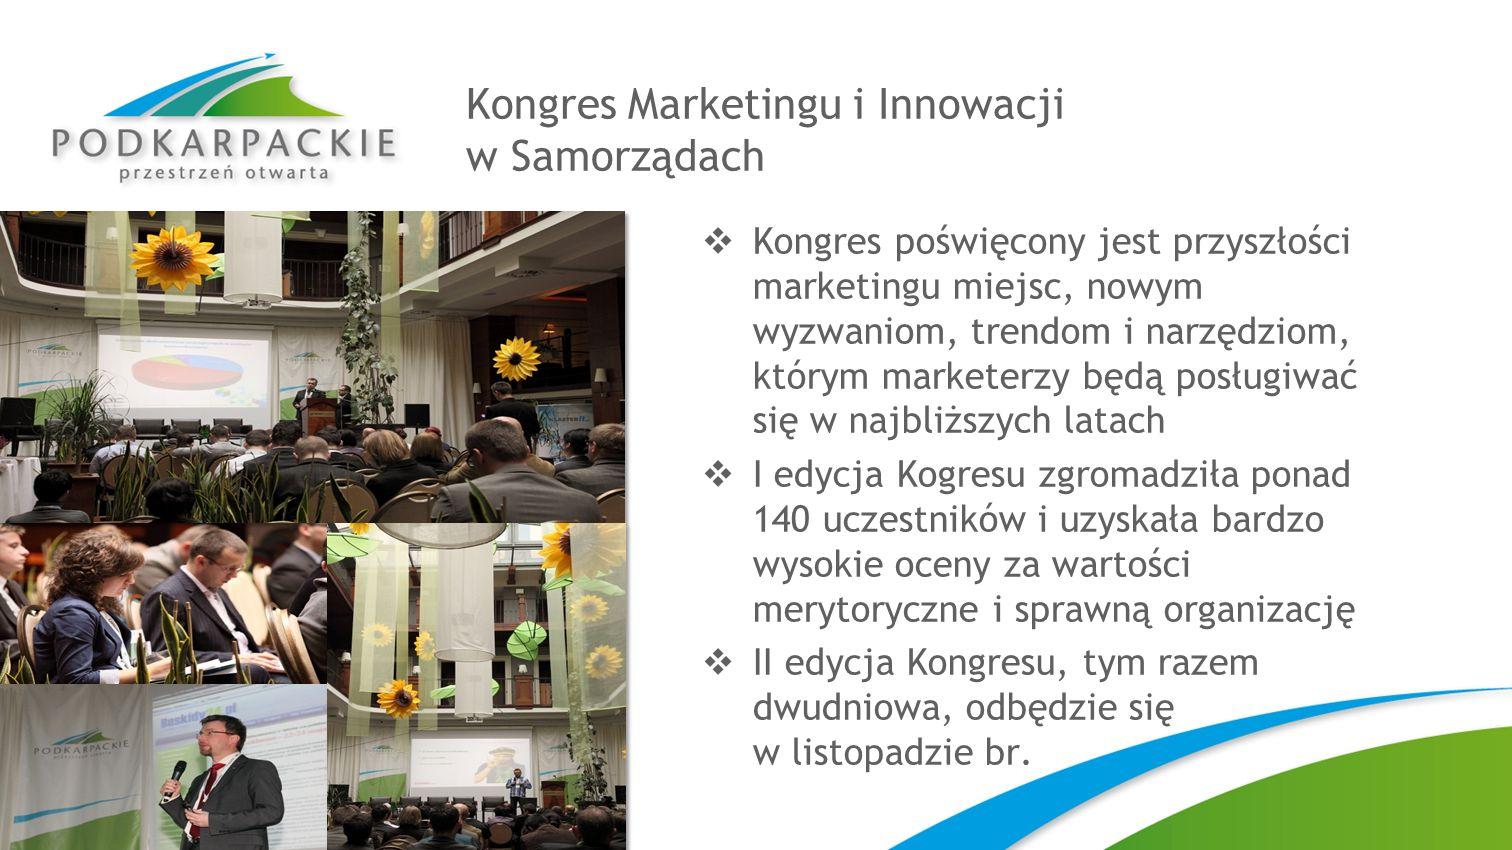 Kongres Marketingu i Innowacji w Samorządach Kongres poświęcony jest przyszłości marketingu miejsc, nowym wyzwaniom, trendom i narzędziom, którym mark